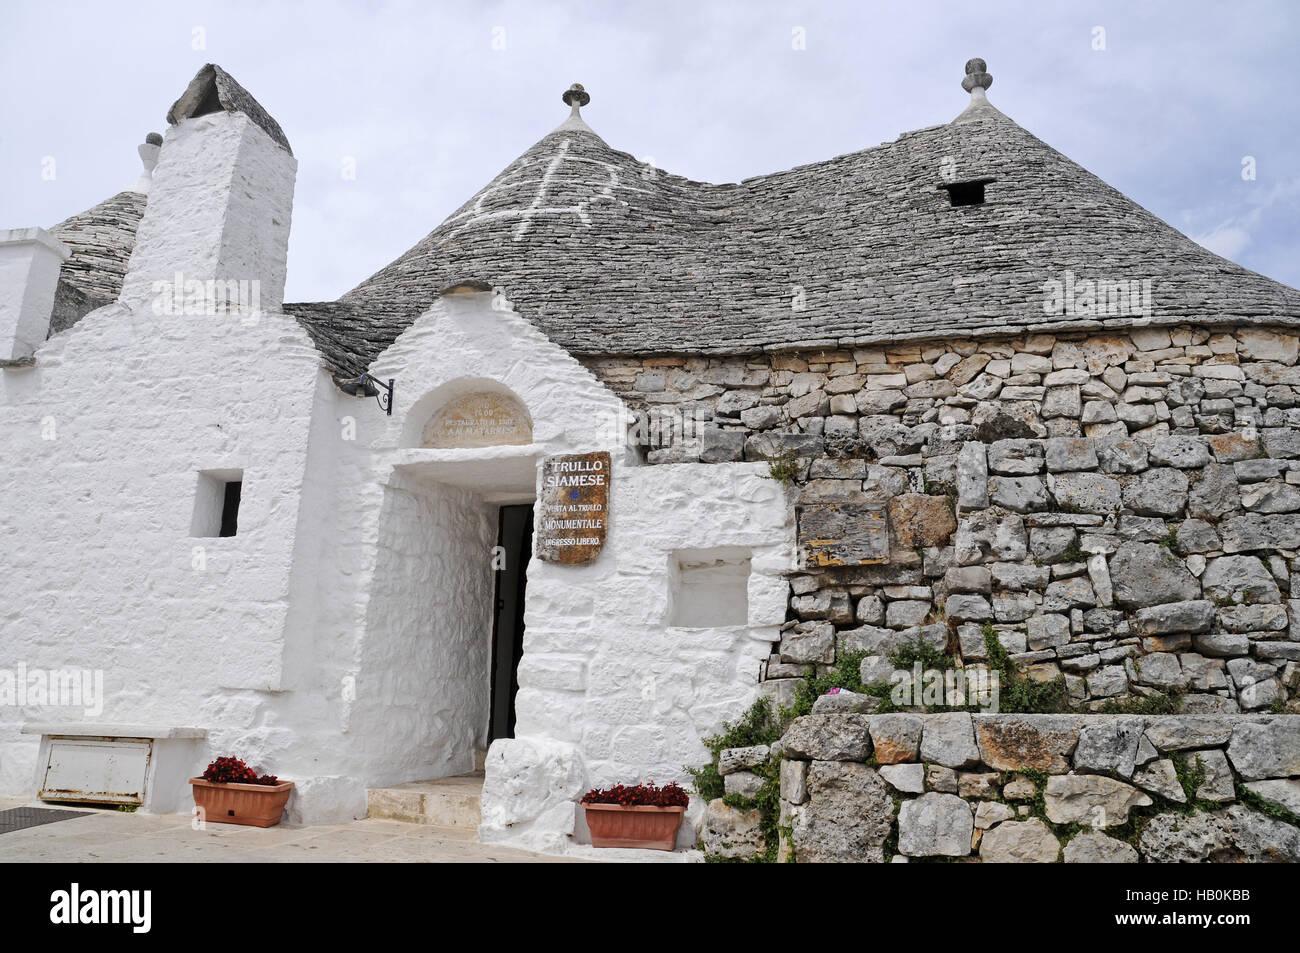 Trullo casas, Alberobello, Puglia, Italia Imagen De Stock